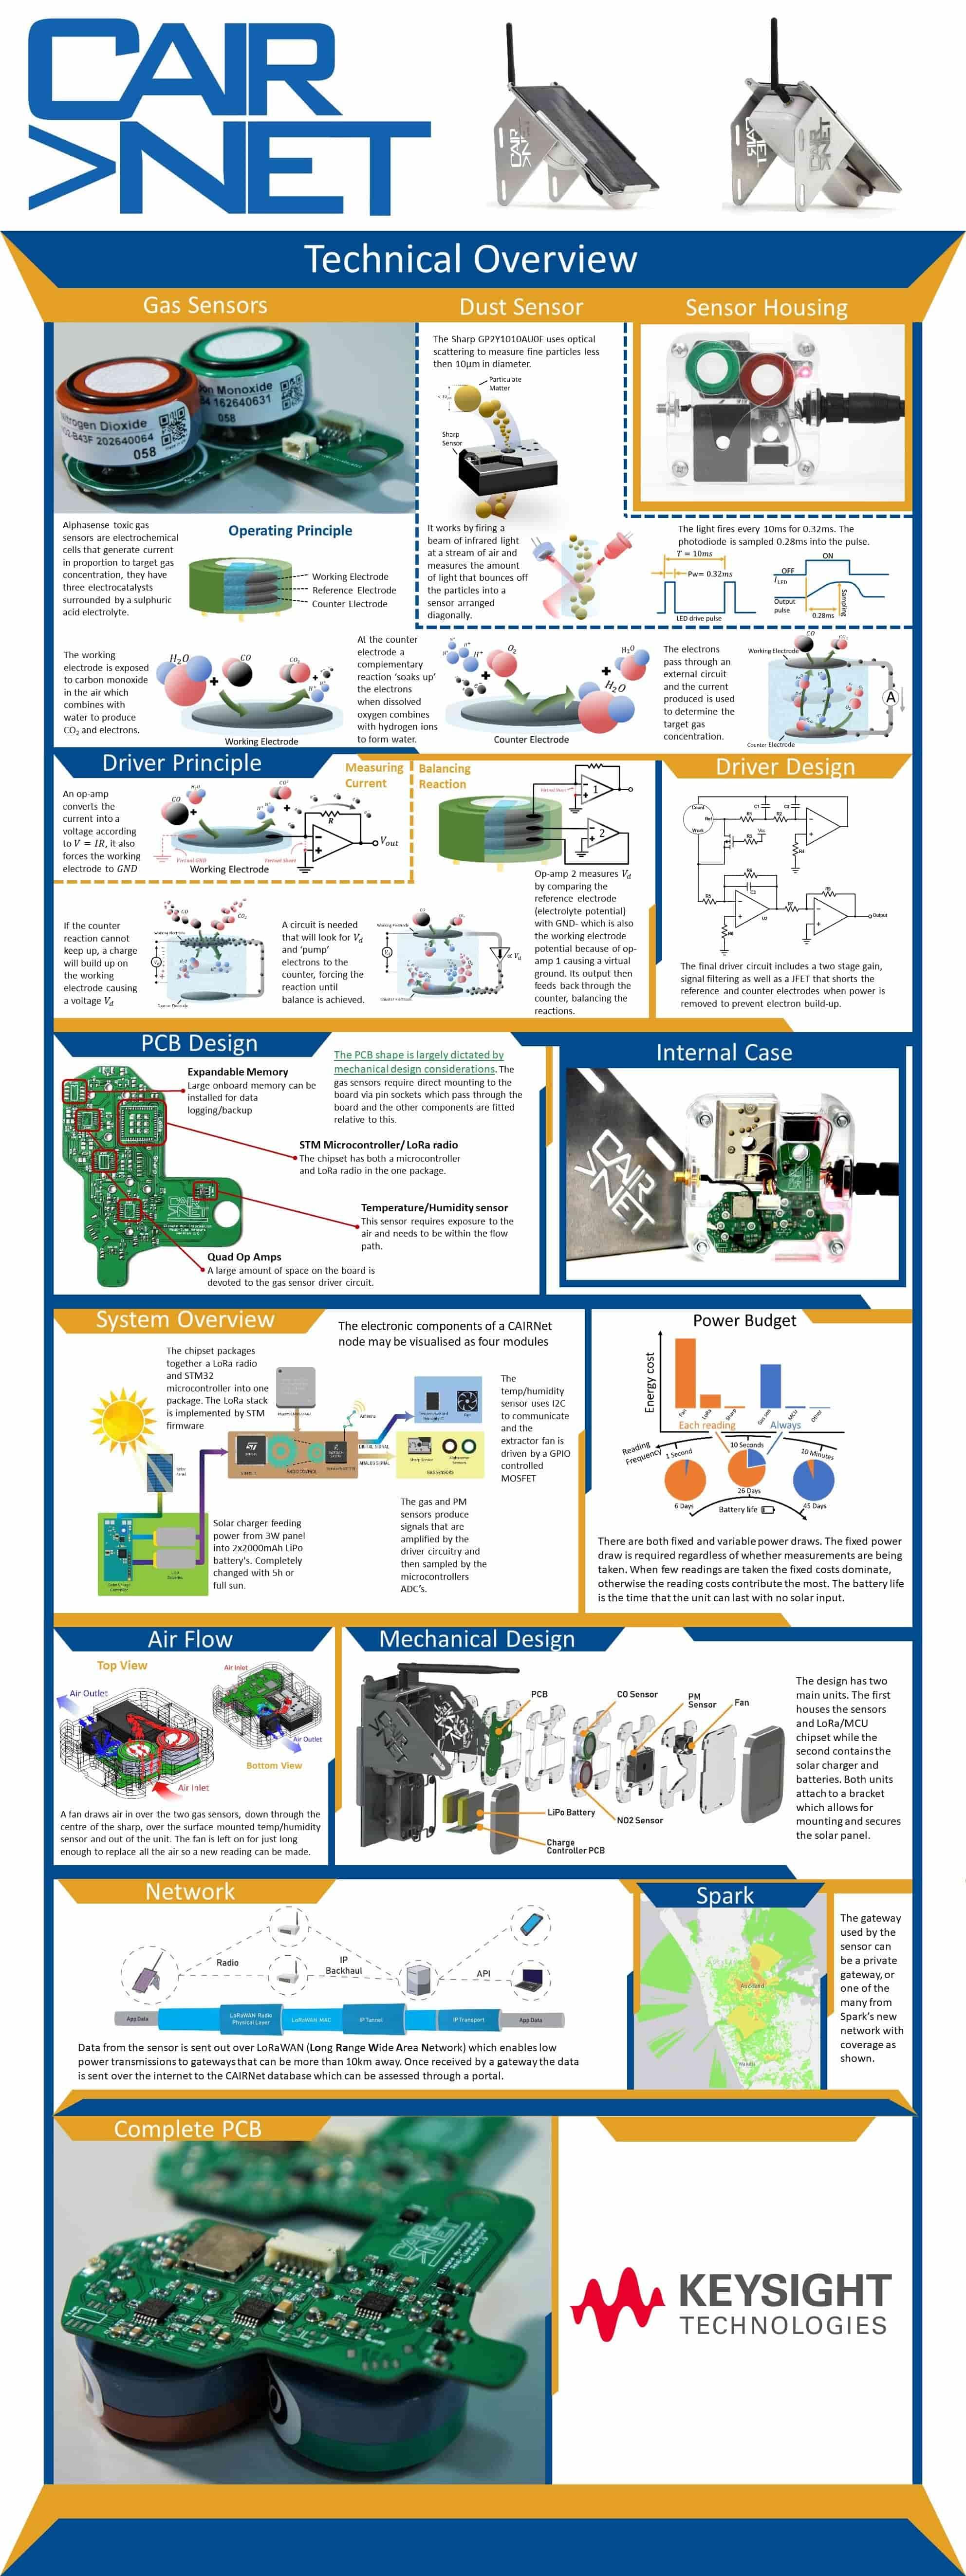 Keysight IoT Innovation Challenge - Keysight IoT Innovation